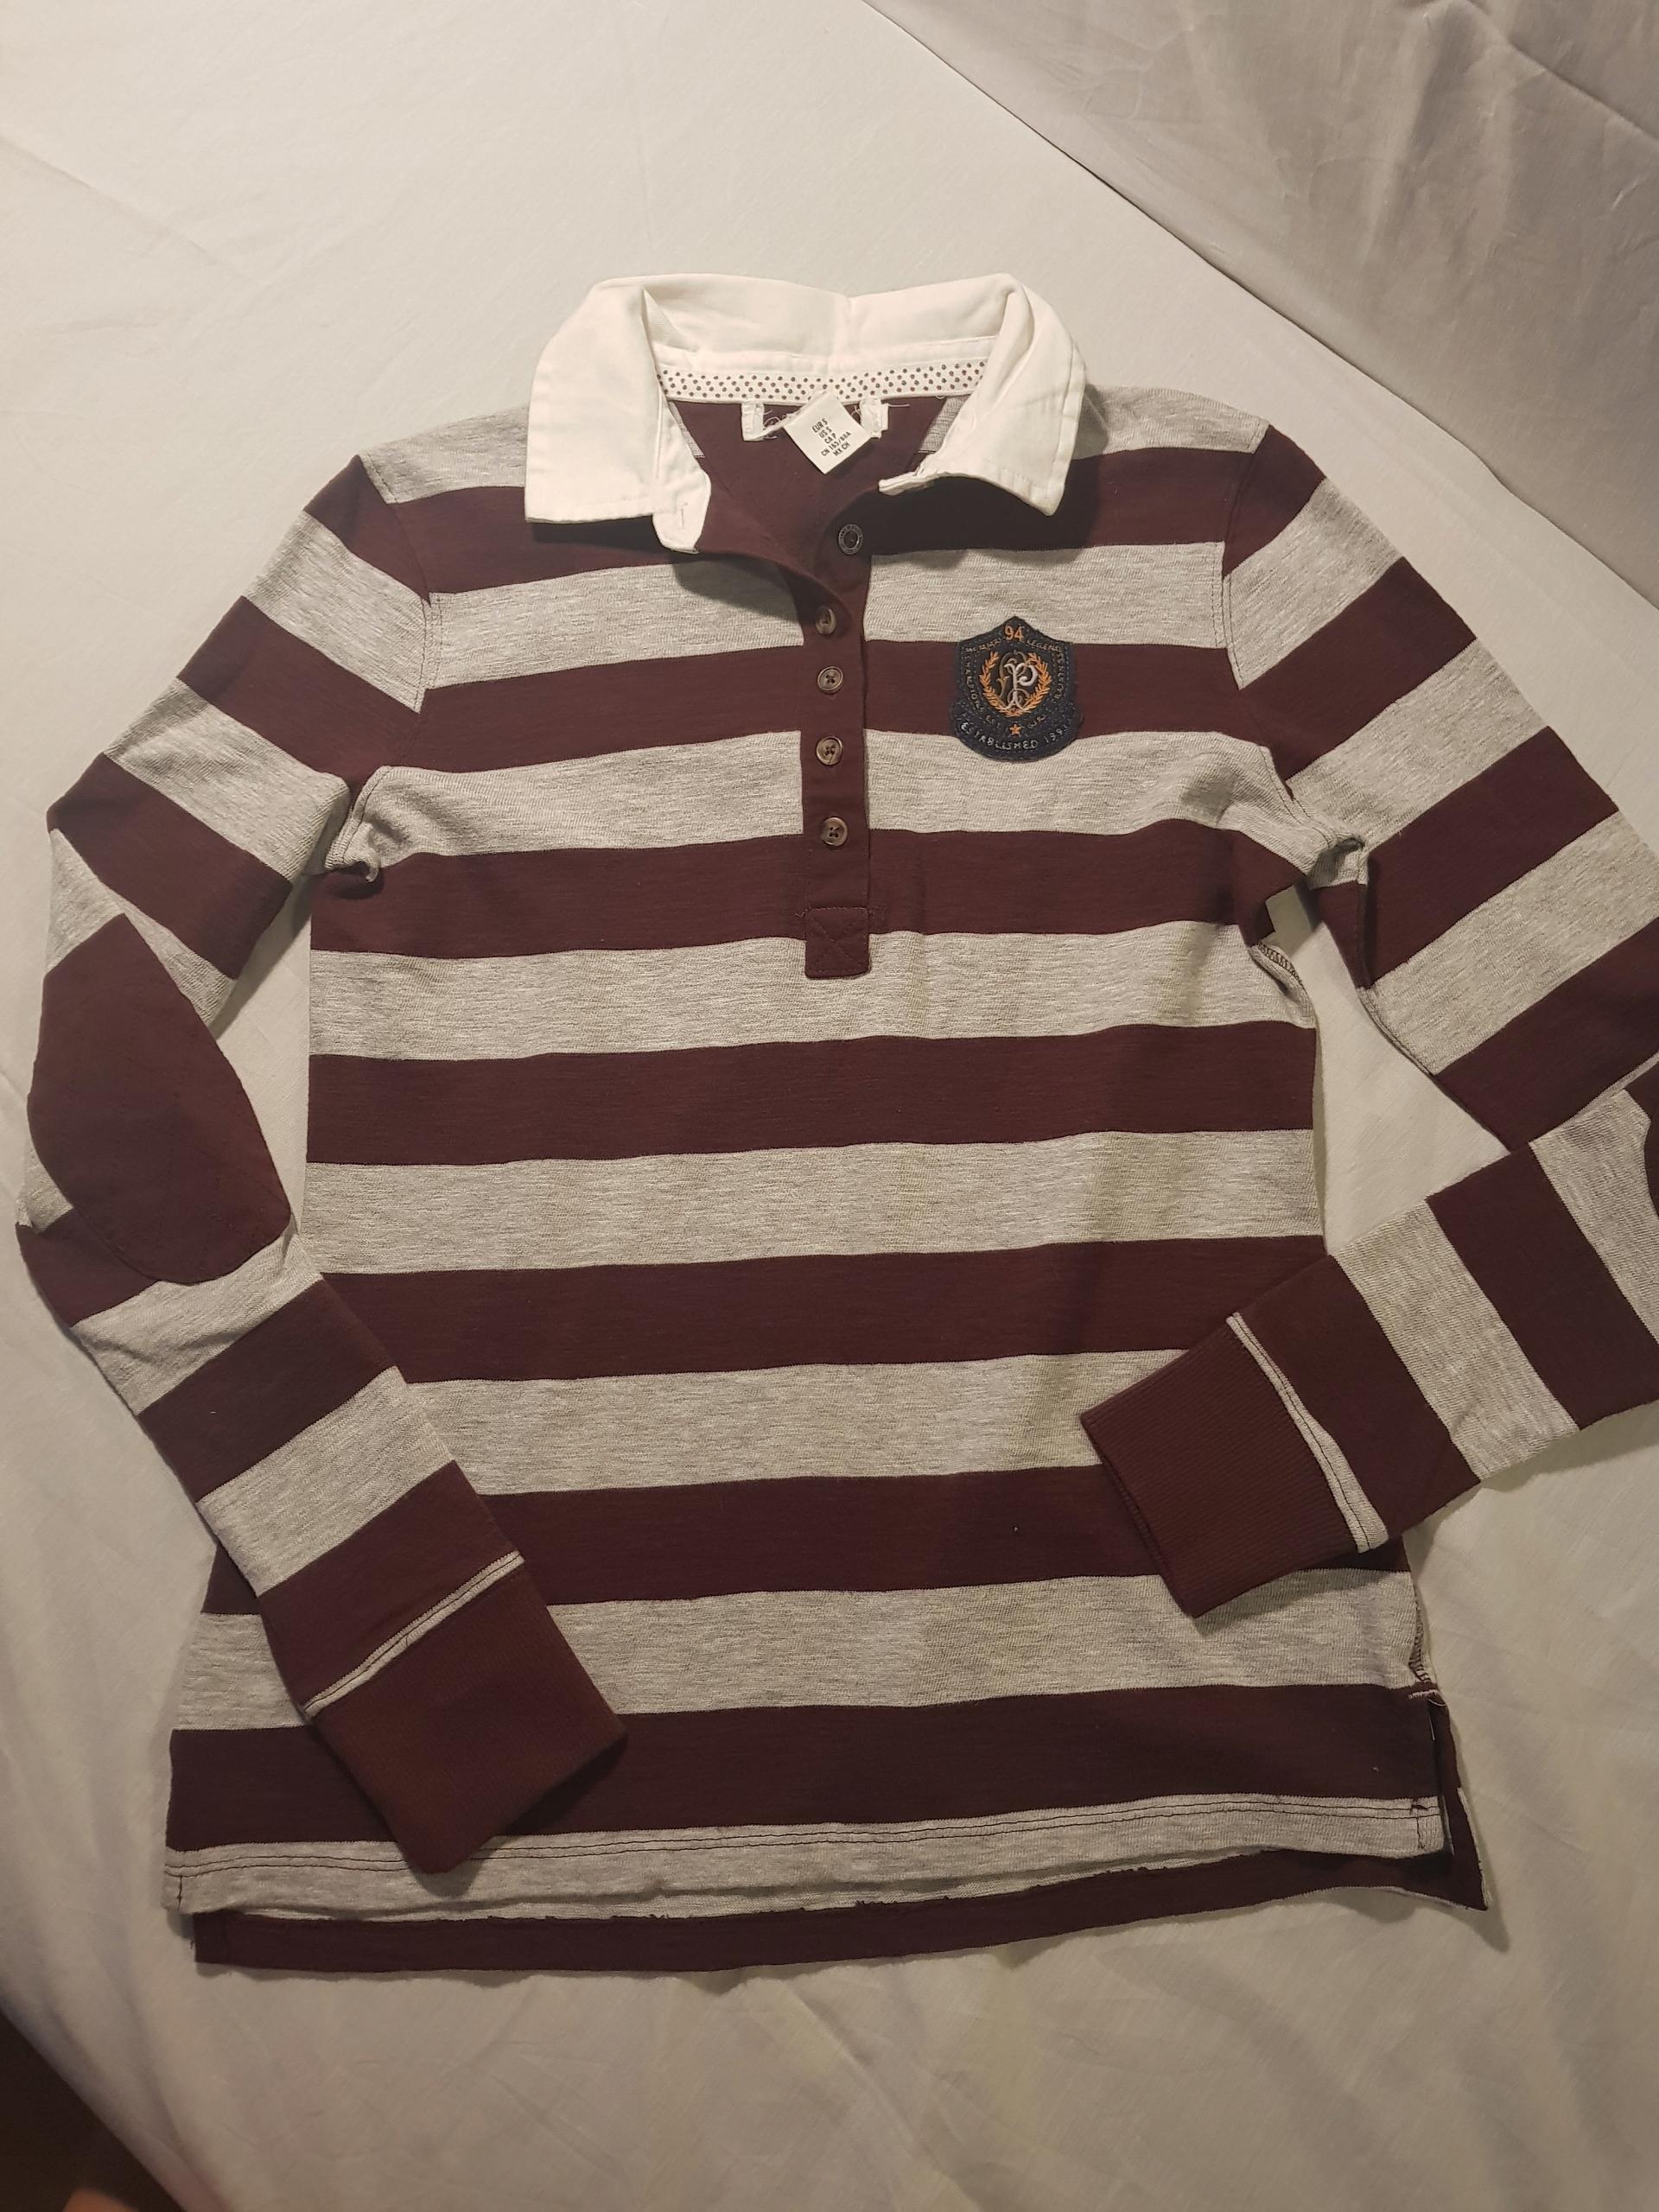 H&M bluza w paski 156 cm WYPRZEDAŻ SZAFY